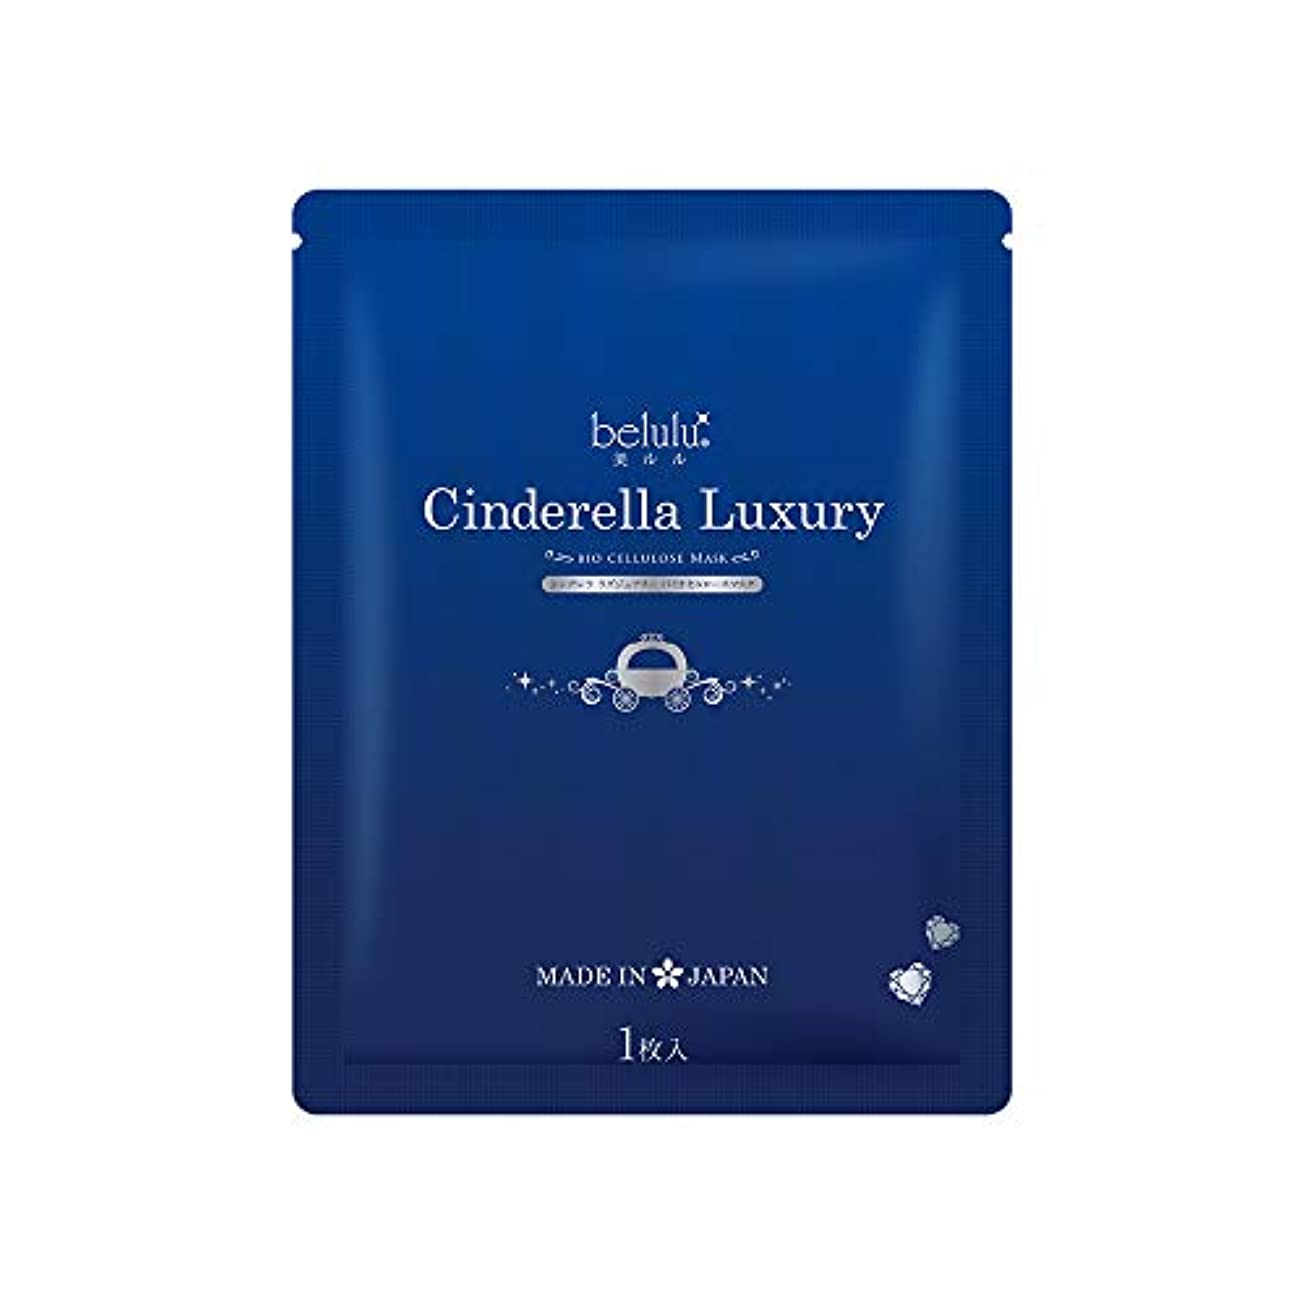 降伏プロトタイプ色合いフェイスマスク 美ルル シンデレラ ラグジュアリー パック 美白 保湿 美肌 日本製 belulu Cinderella Luxury